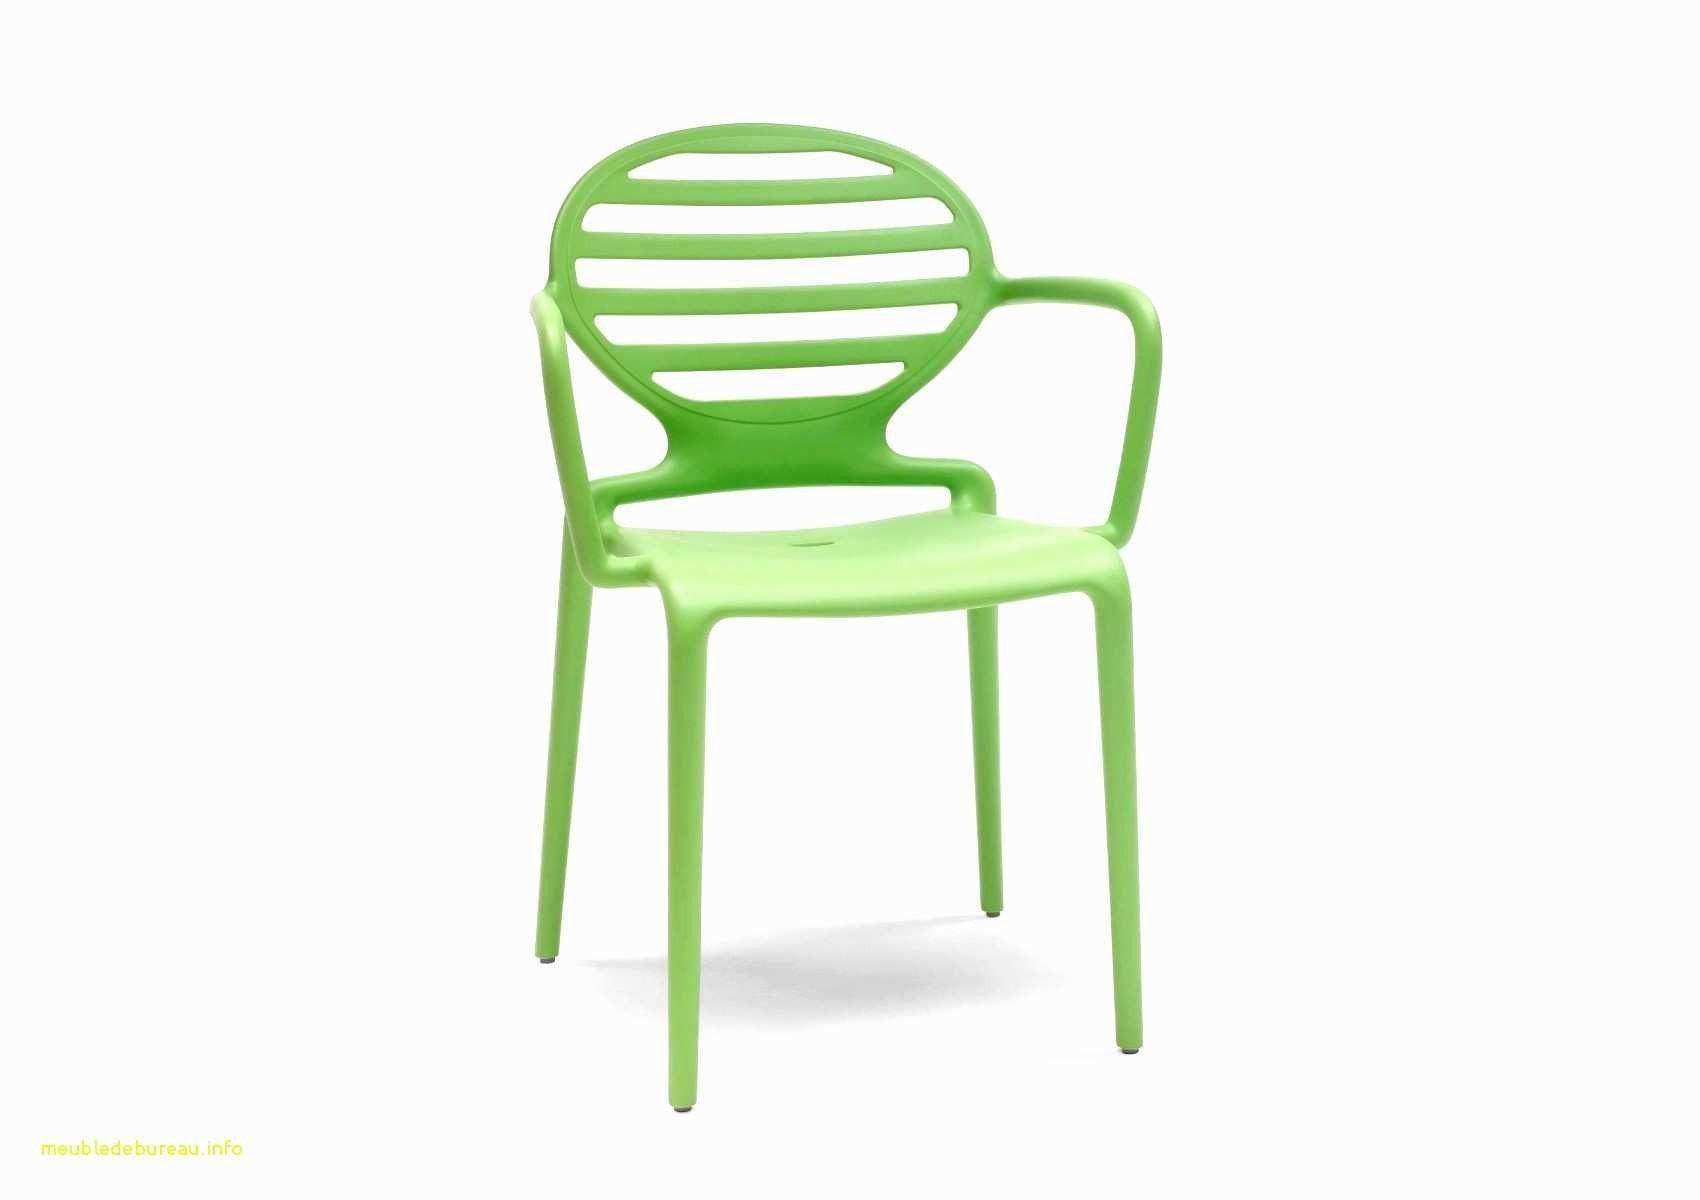 Lit En Bois Poupee Agréable Artistique Chaise Haute Poupon  Chaise Haute Poupee Bois Chaise